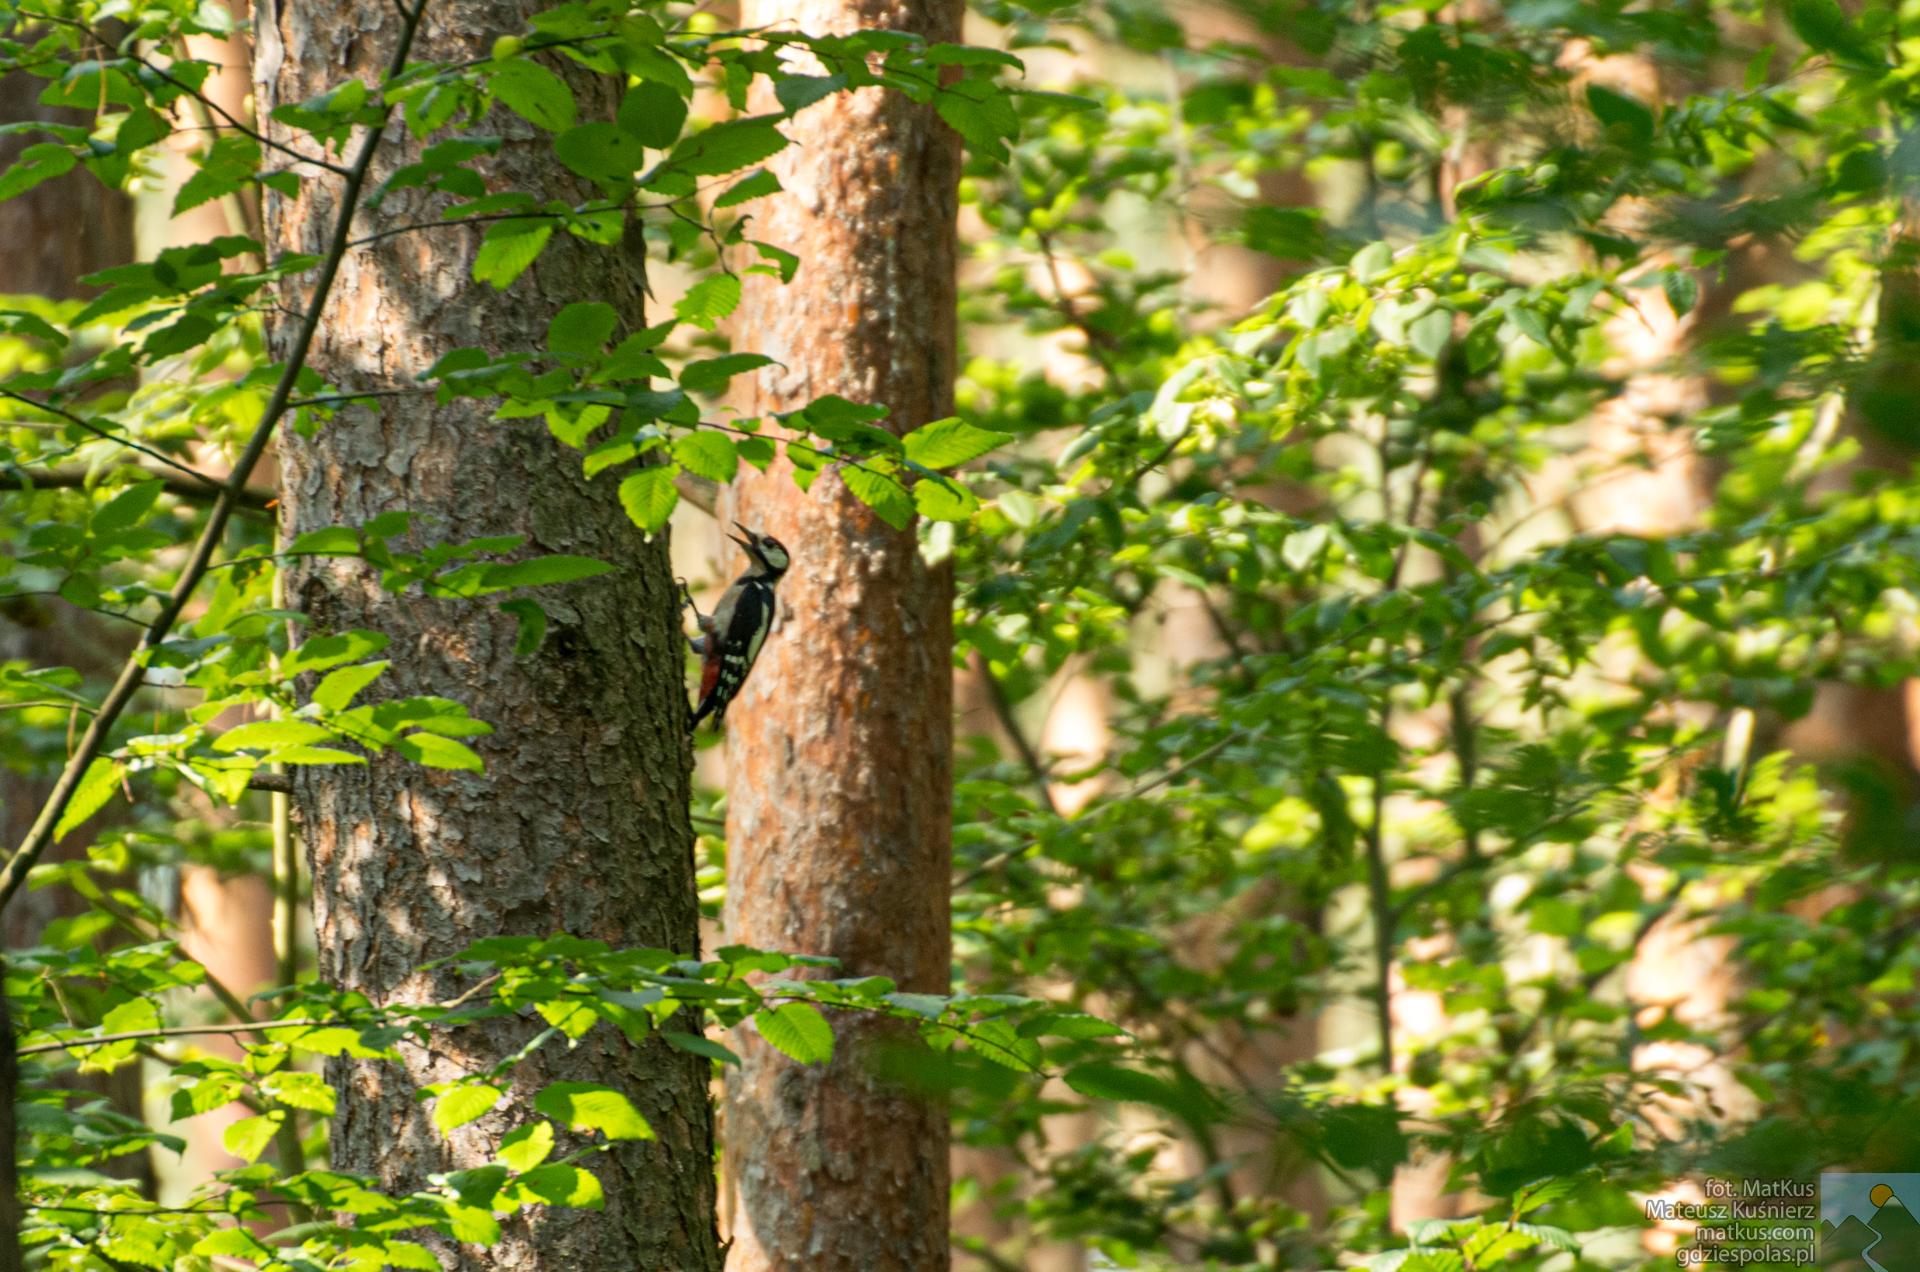 Rezerwat Lubsza, Nadleśnictwo Brzeg, Dzięcioł duży Dendrocopos major